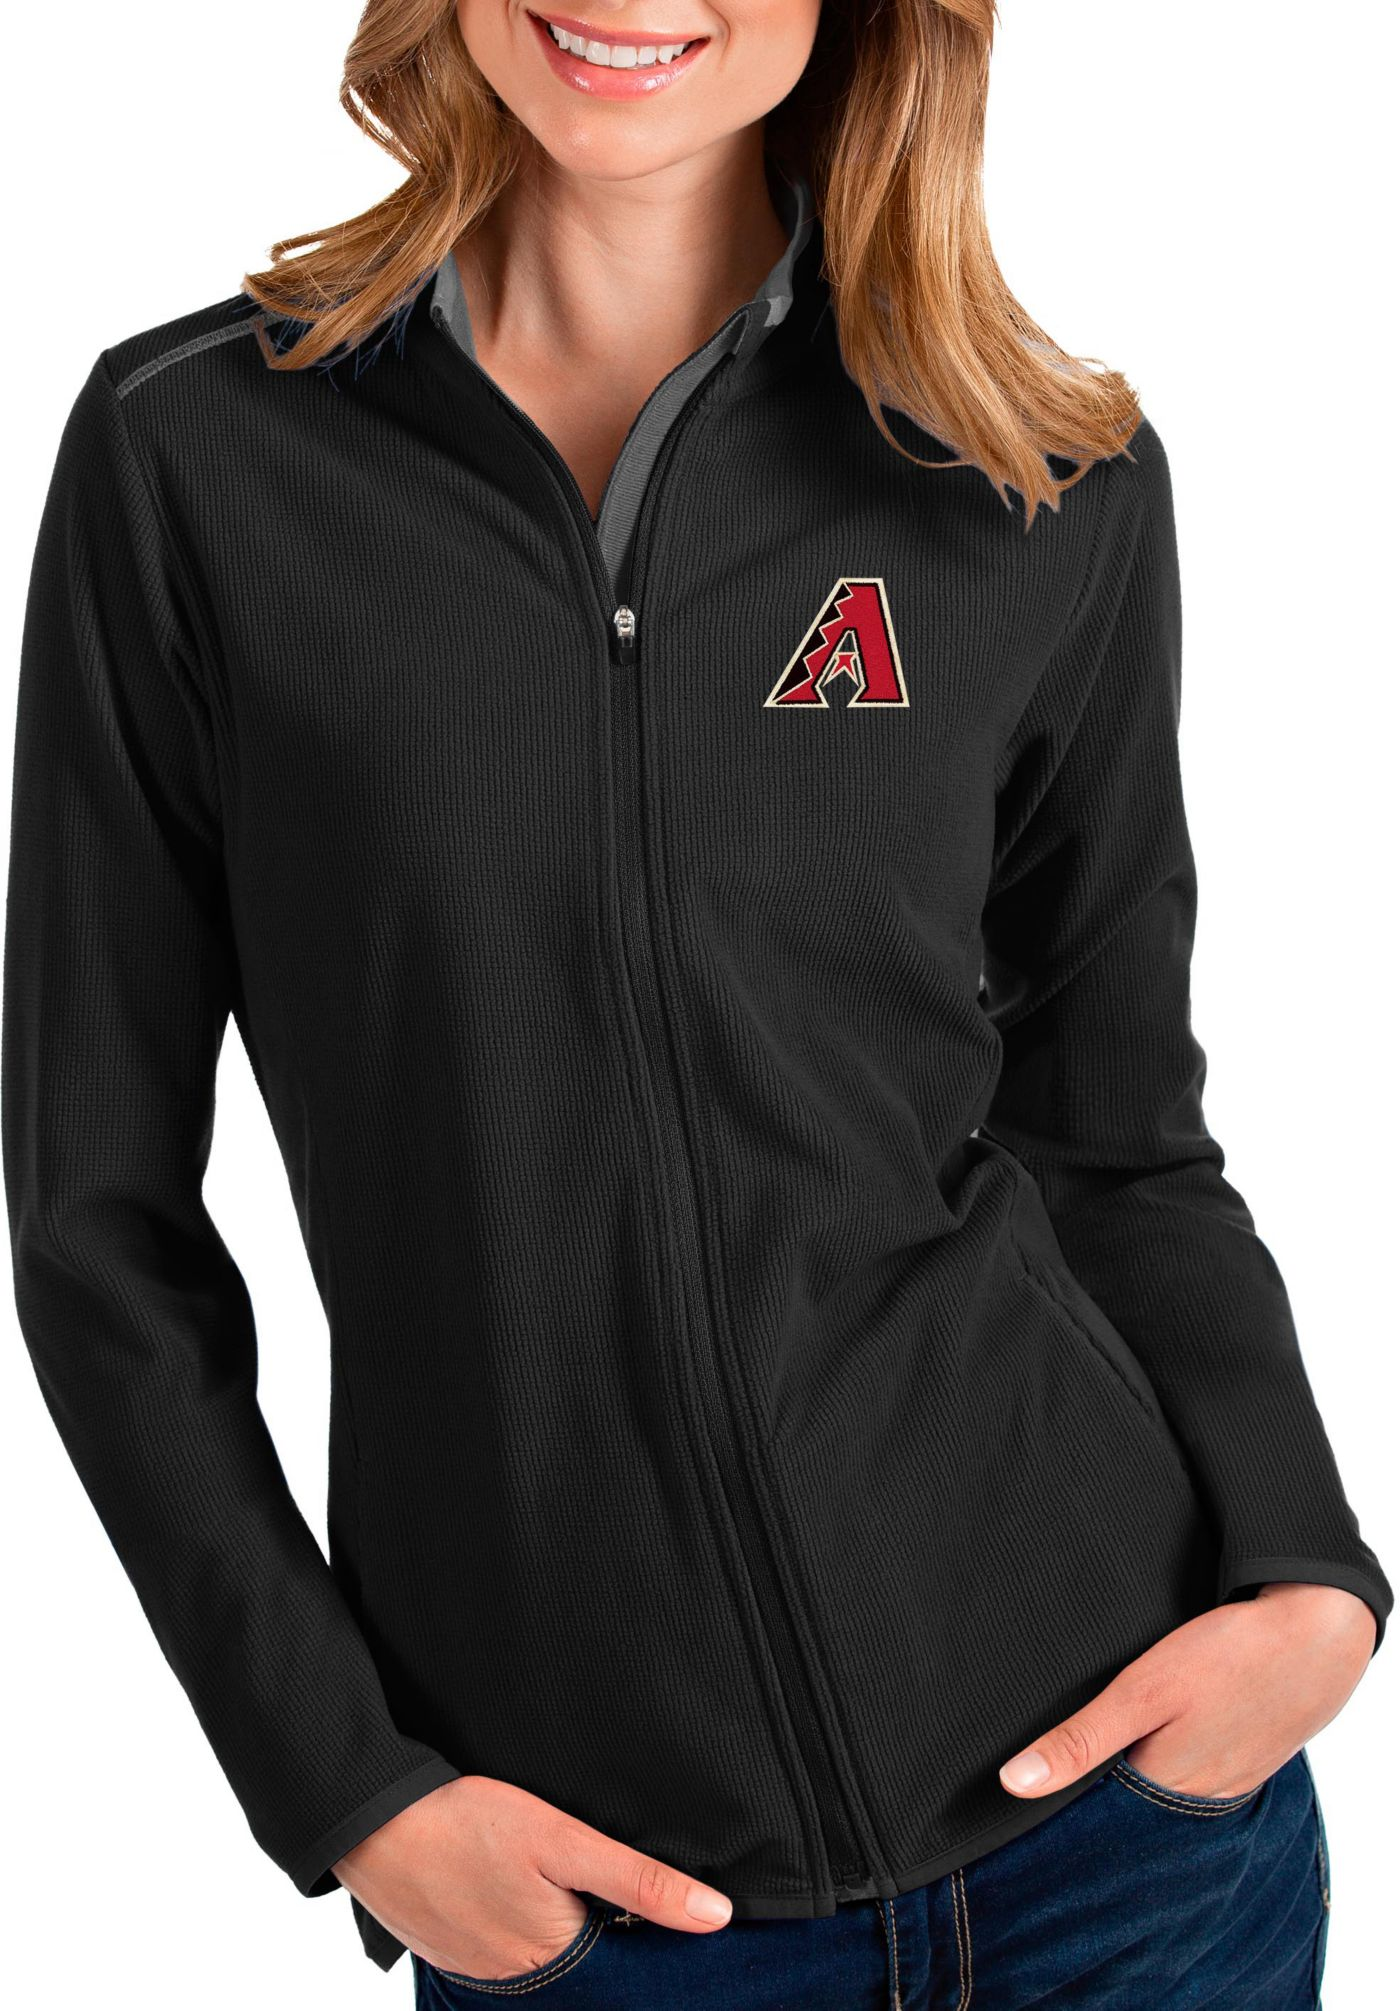 Antigua Women's Arizona Diamondbacks Black Glacier Quarter-Zip Pullover